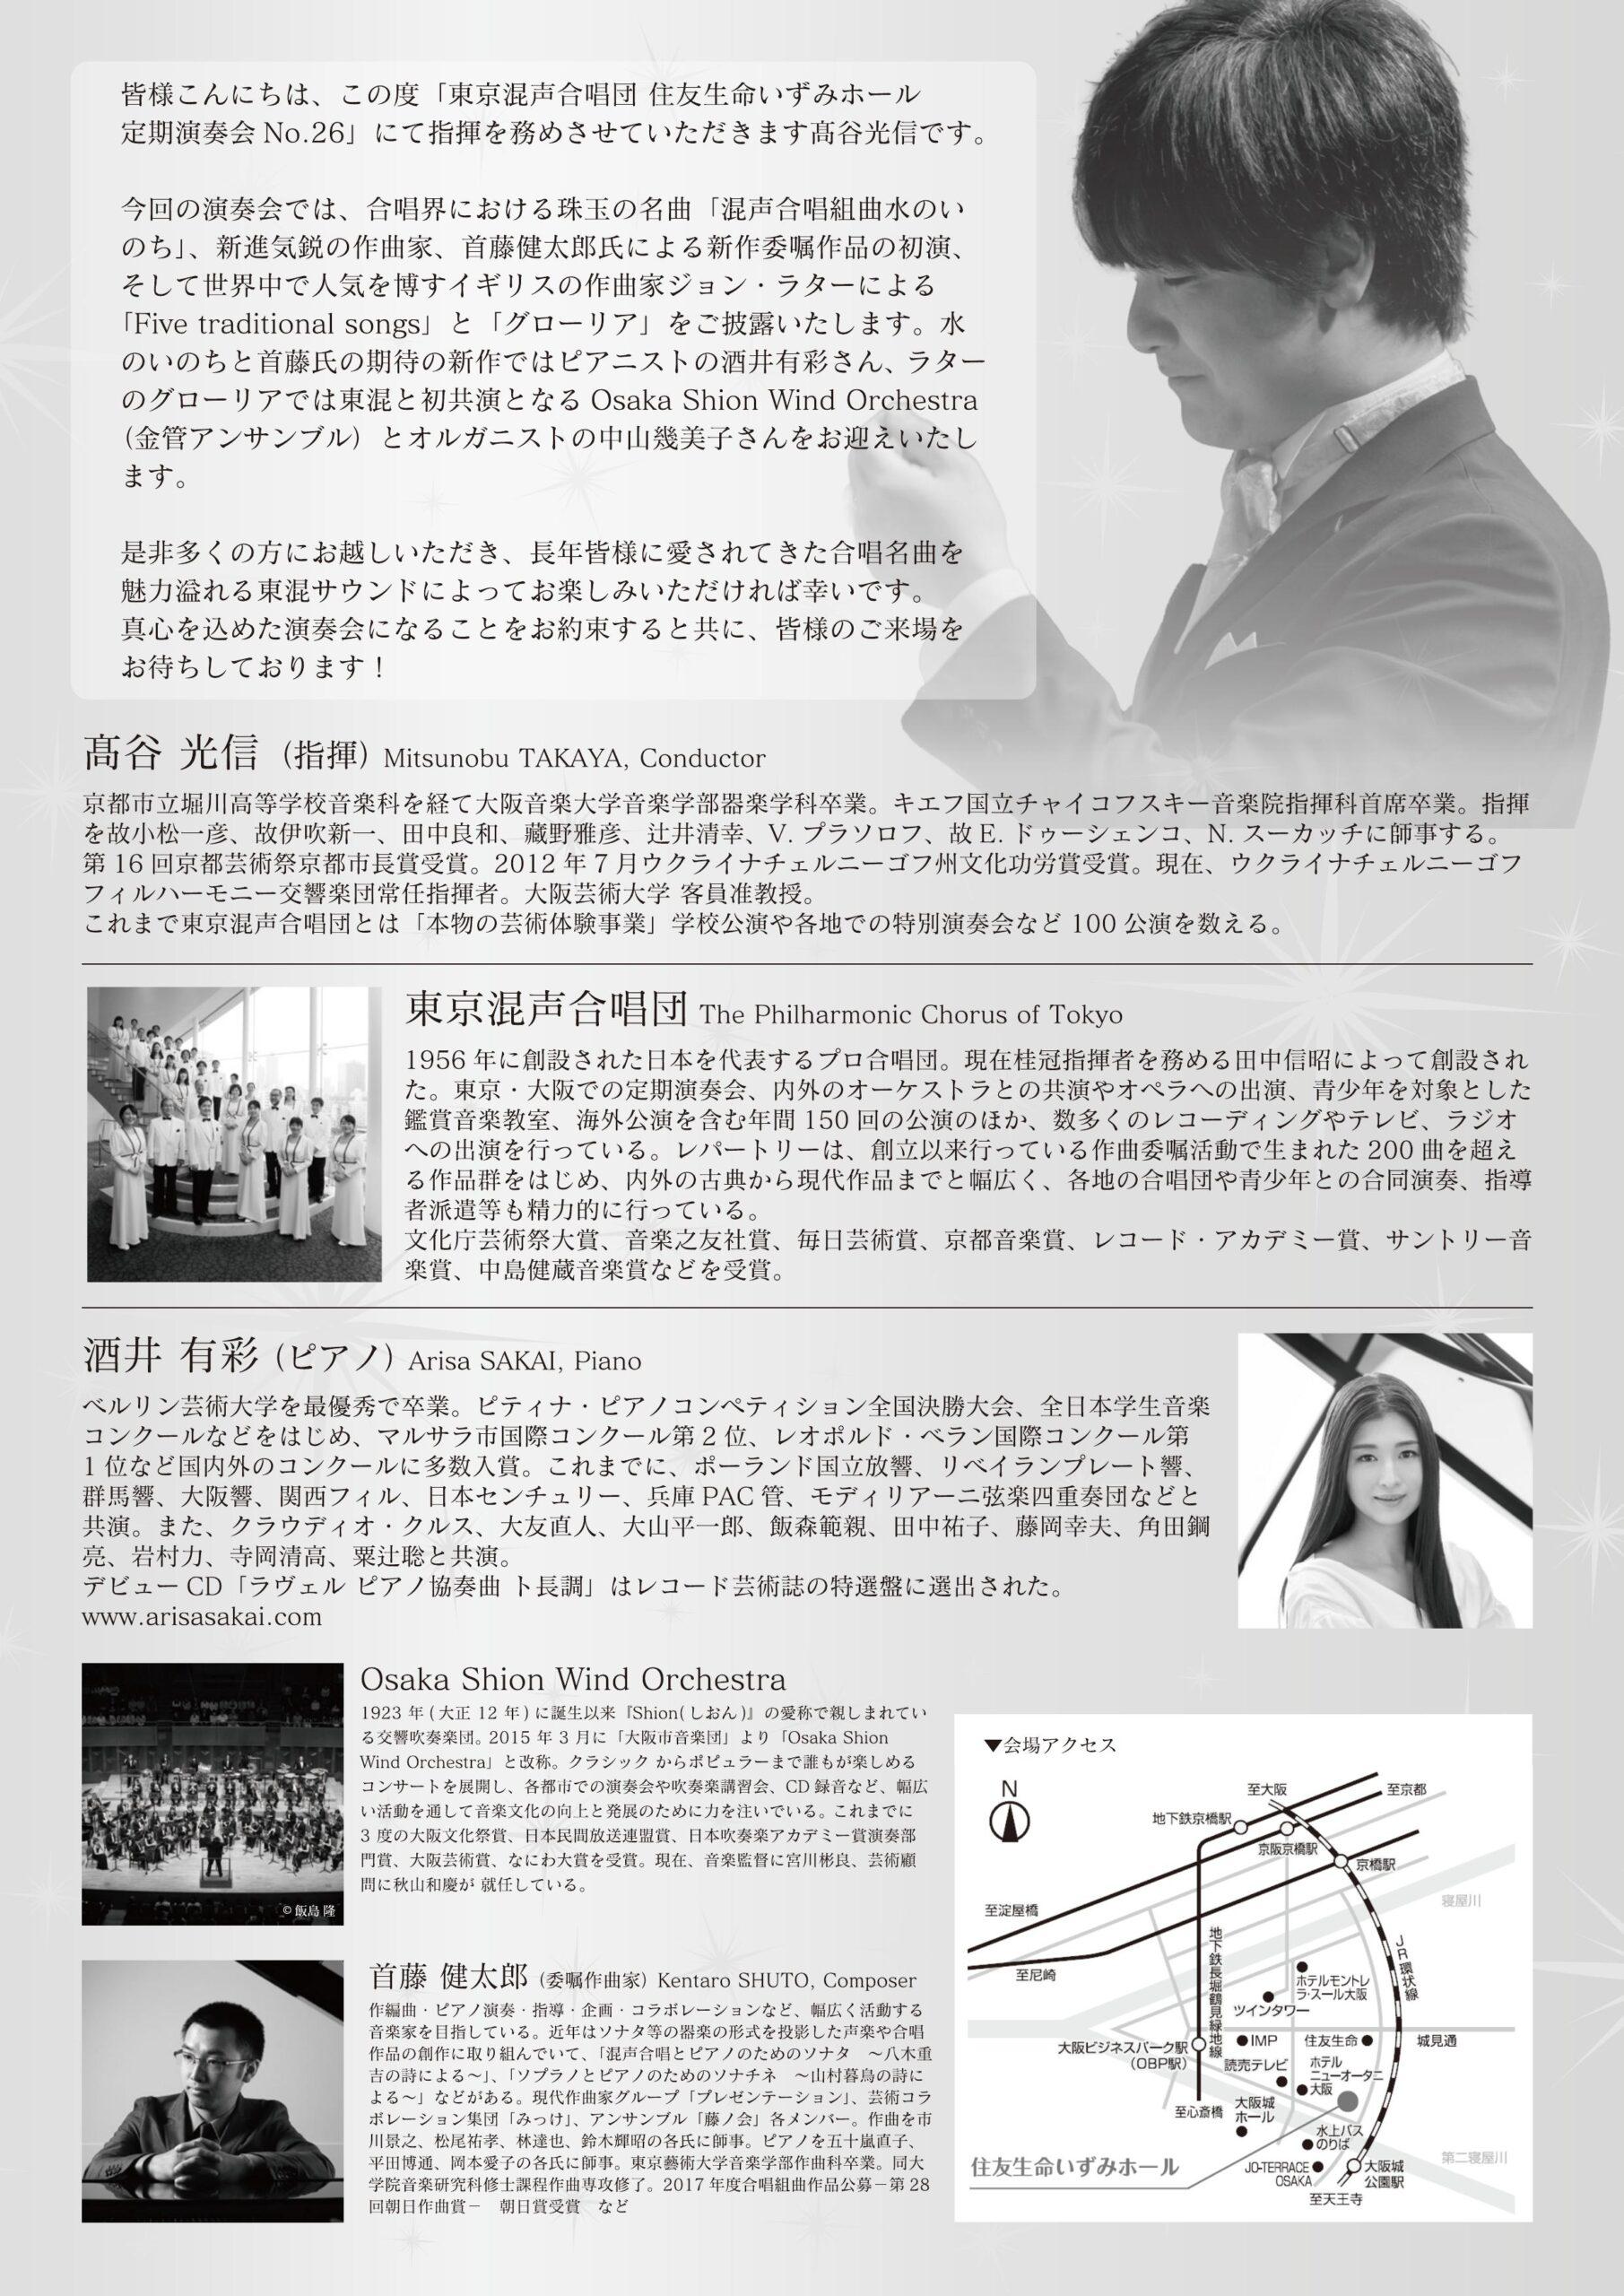 東京混声合唱団~住友生命いずみホール定期演奏会No.26~